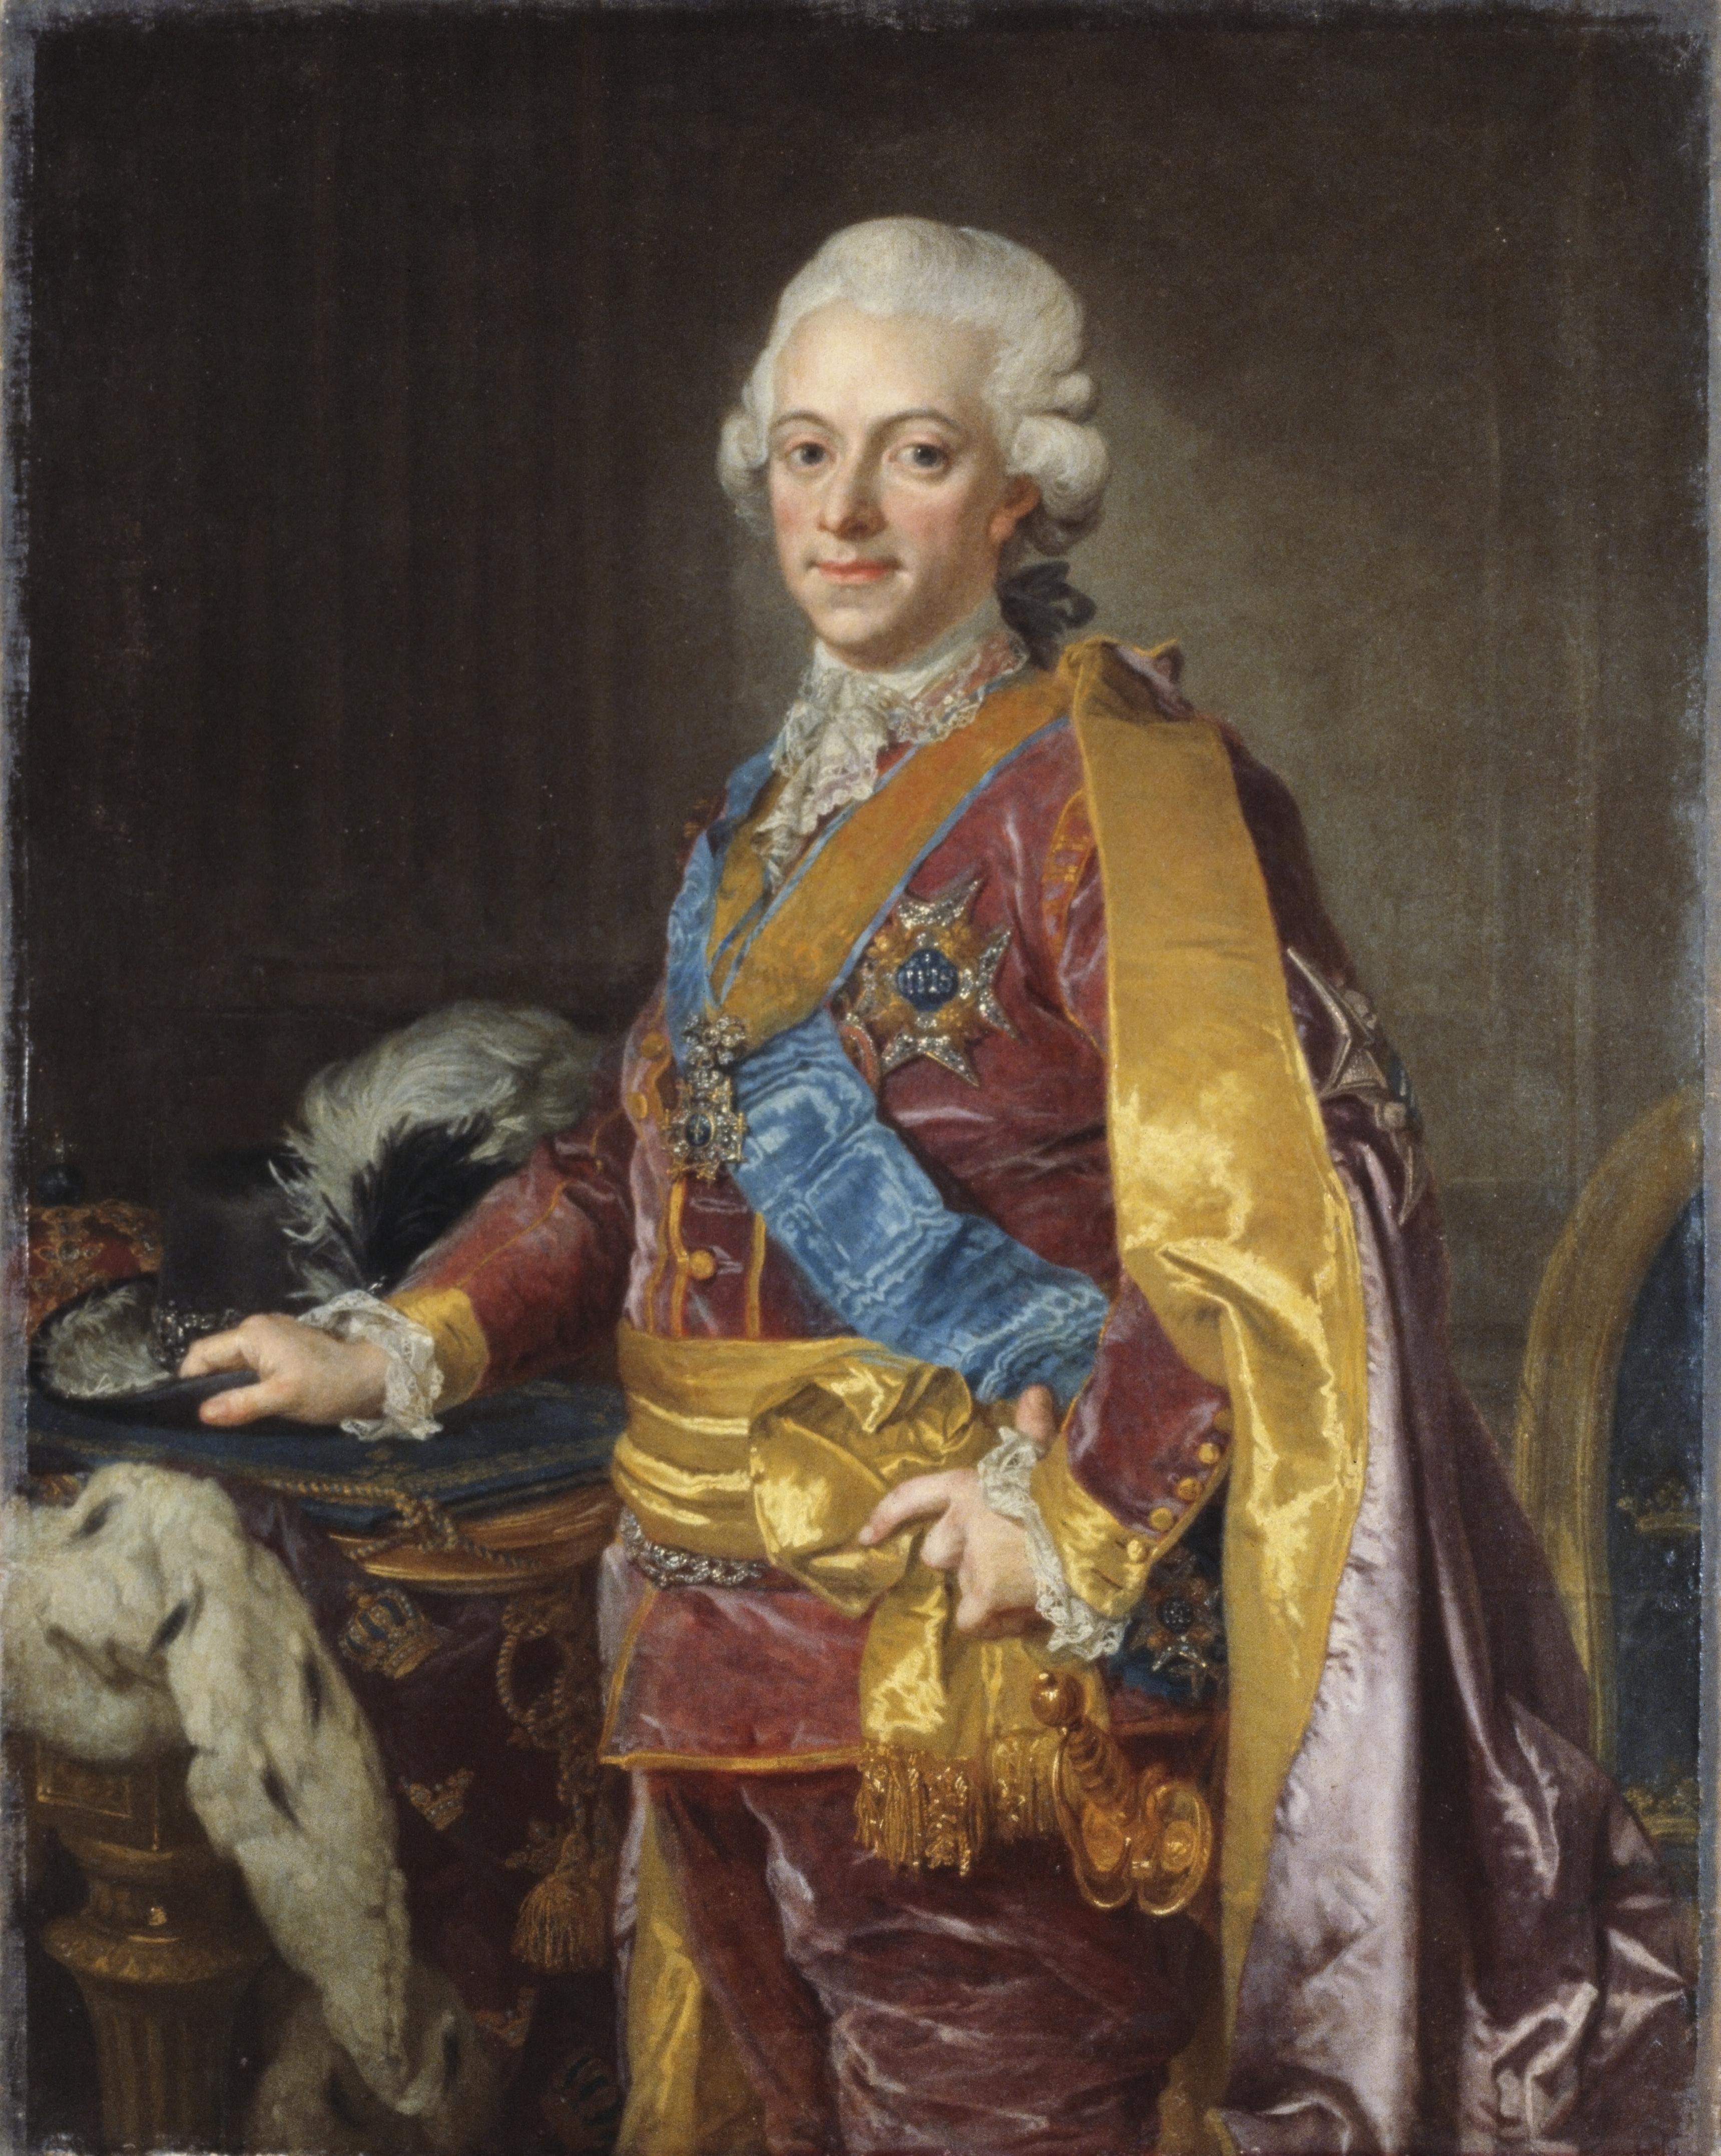 густав 3 король швеции